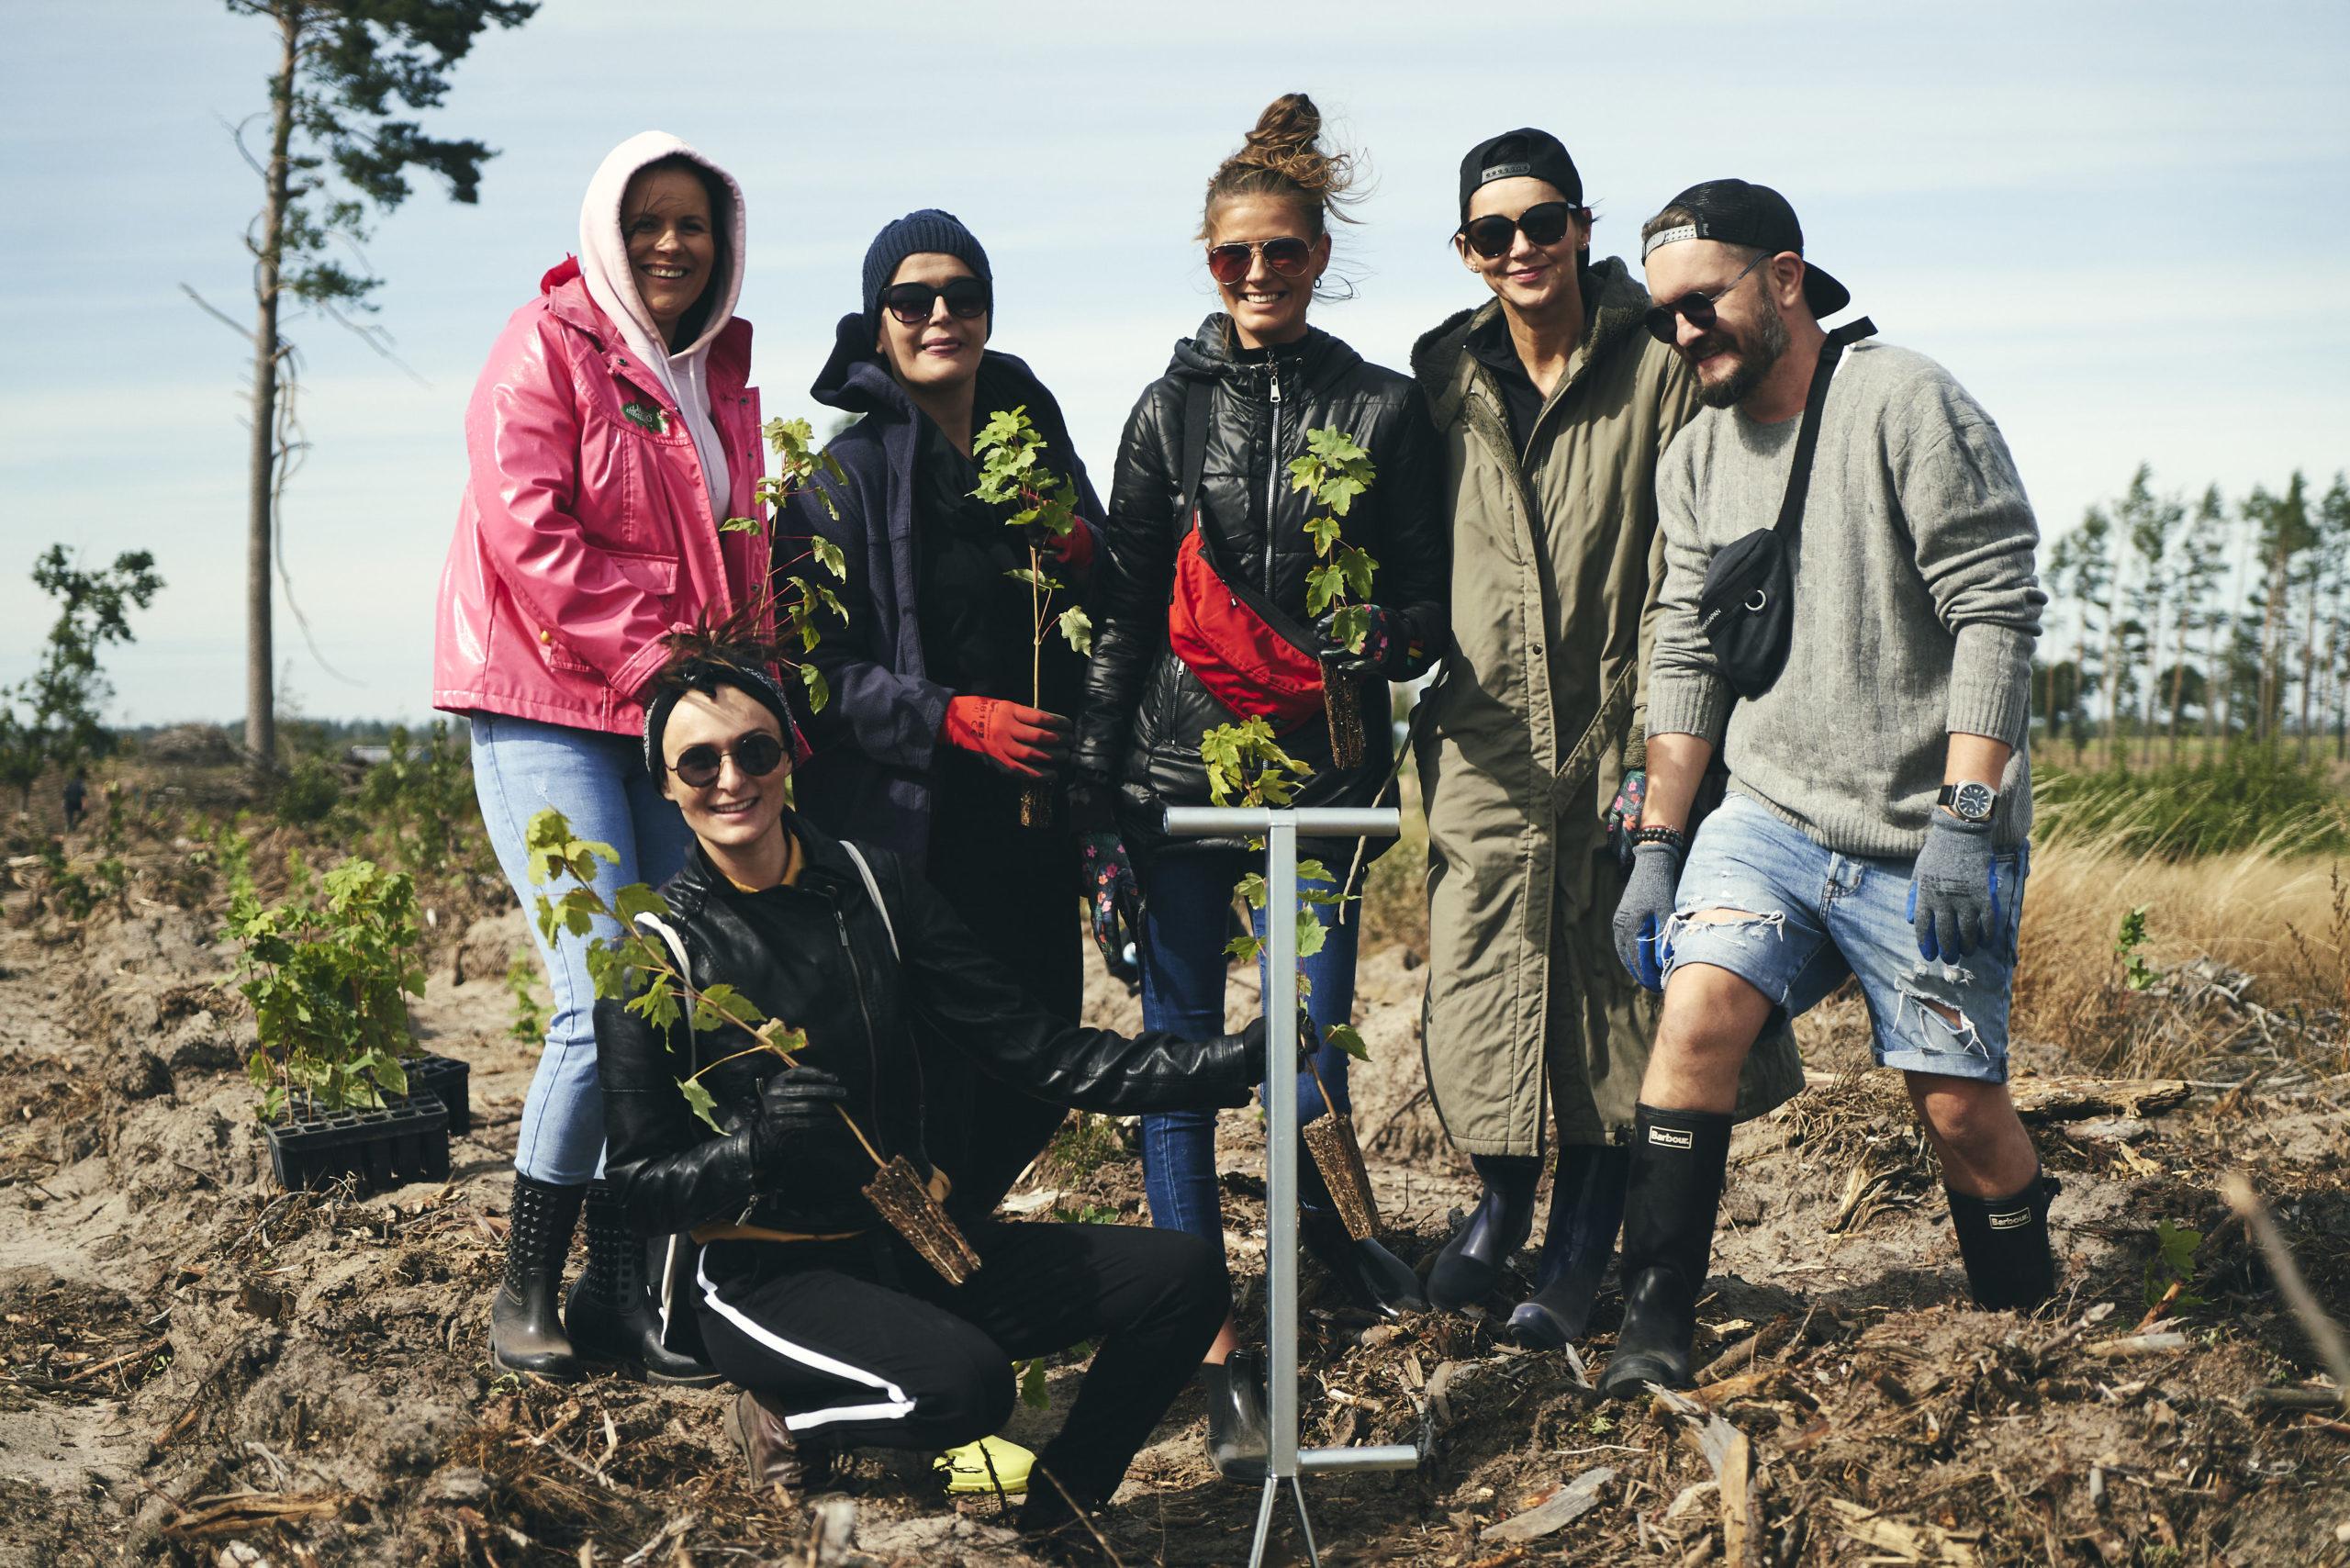 Fryzjerzy Davines po raz kolejny zasadzą drzewa w Borach Tucholskich. Społeczność skupiona wokół włoskiej marki mobilizuje swoje siły w związku z 5. edycją akcji Dzień […]